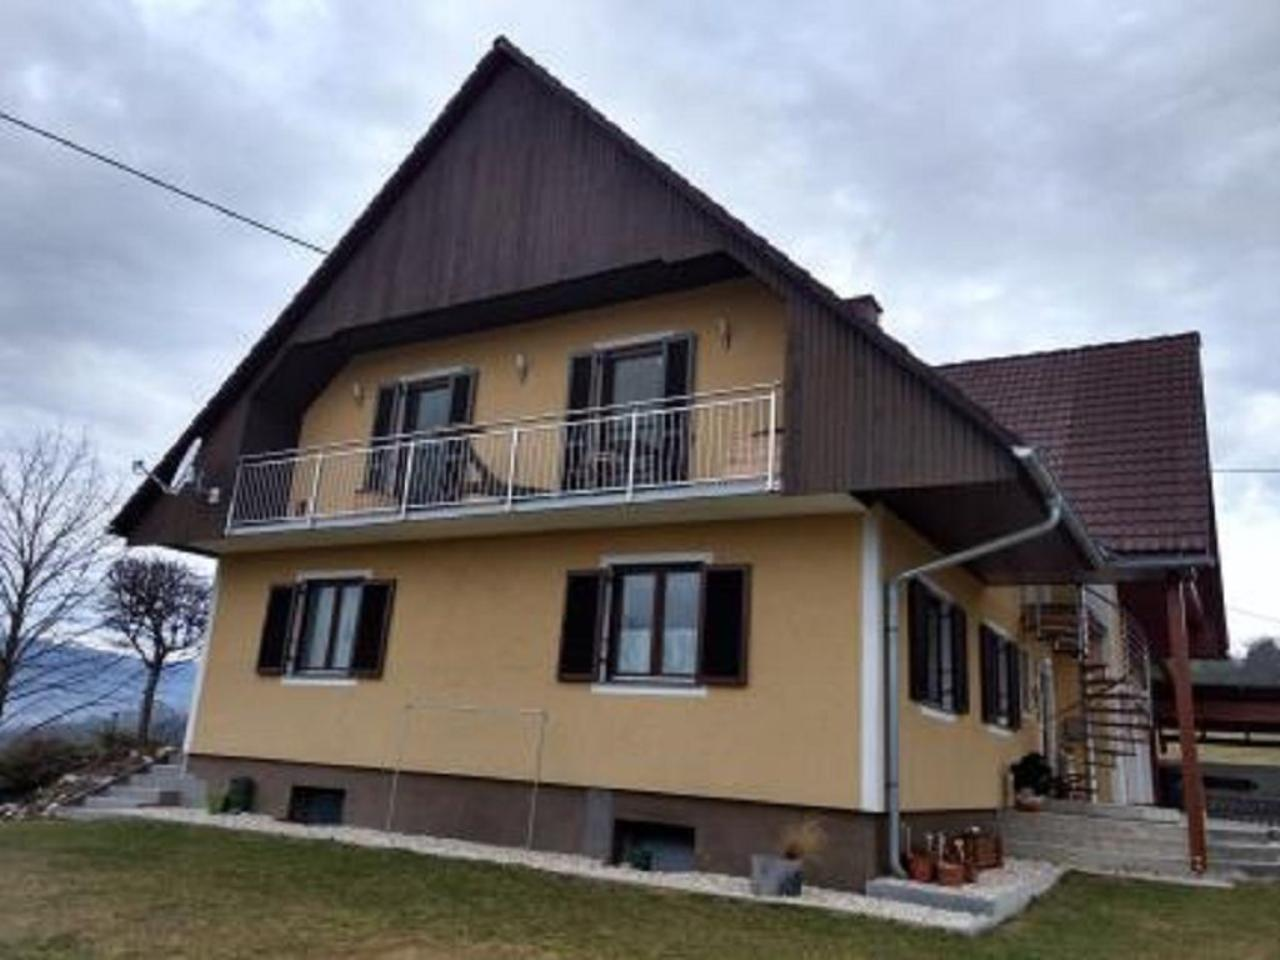 Balkon Vergrossern Licht Darunter Bauforum Auf Energiesparhaus At